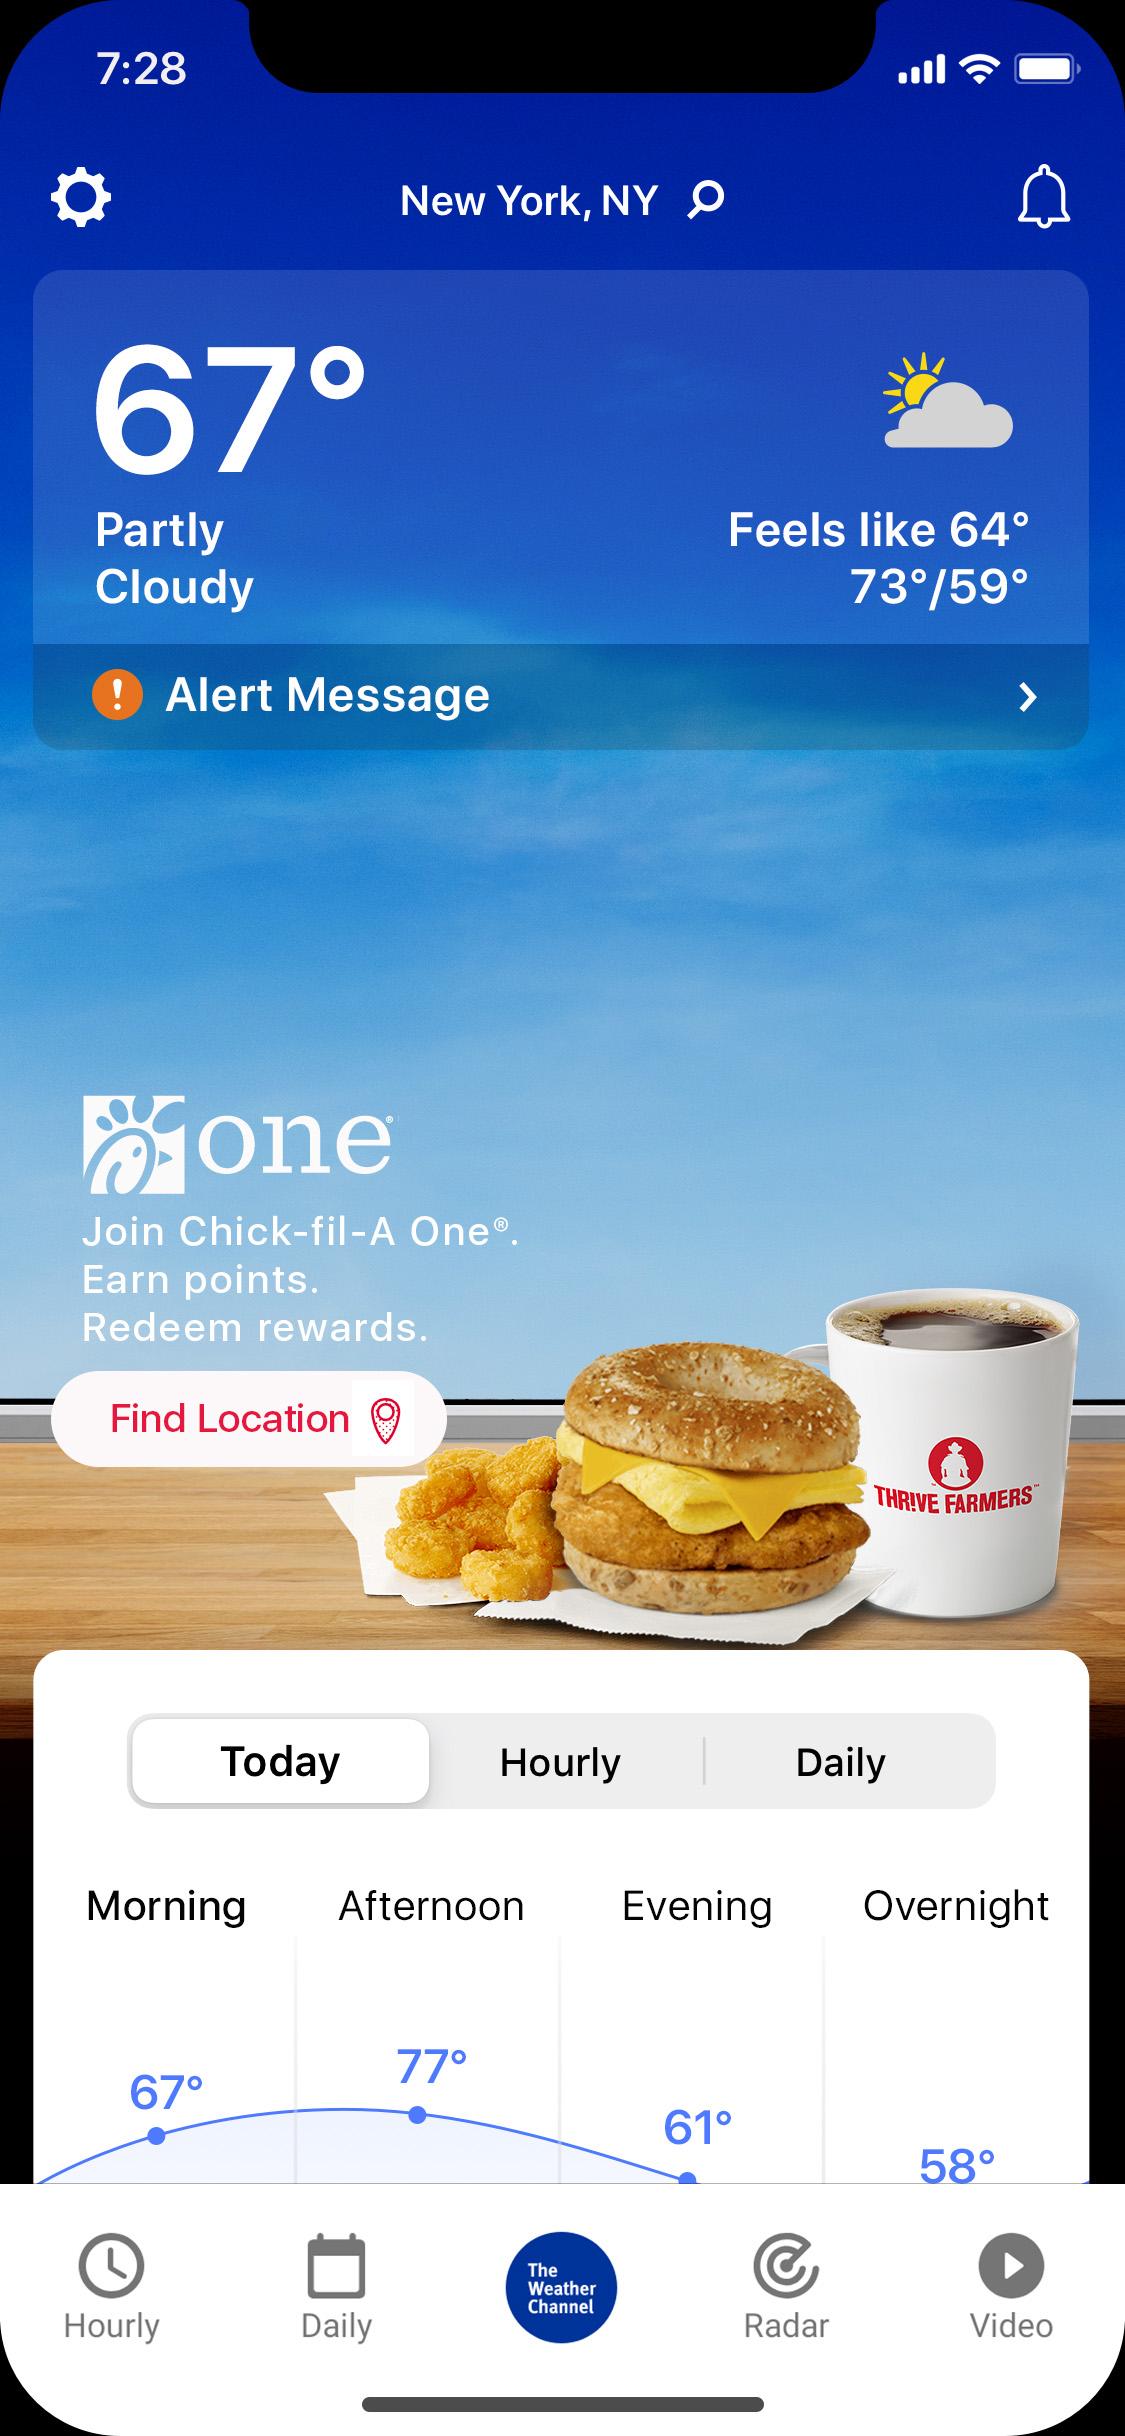 Chick-fil-a_Mobile_App-IM_NextGen-Mock